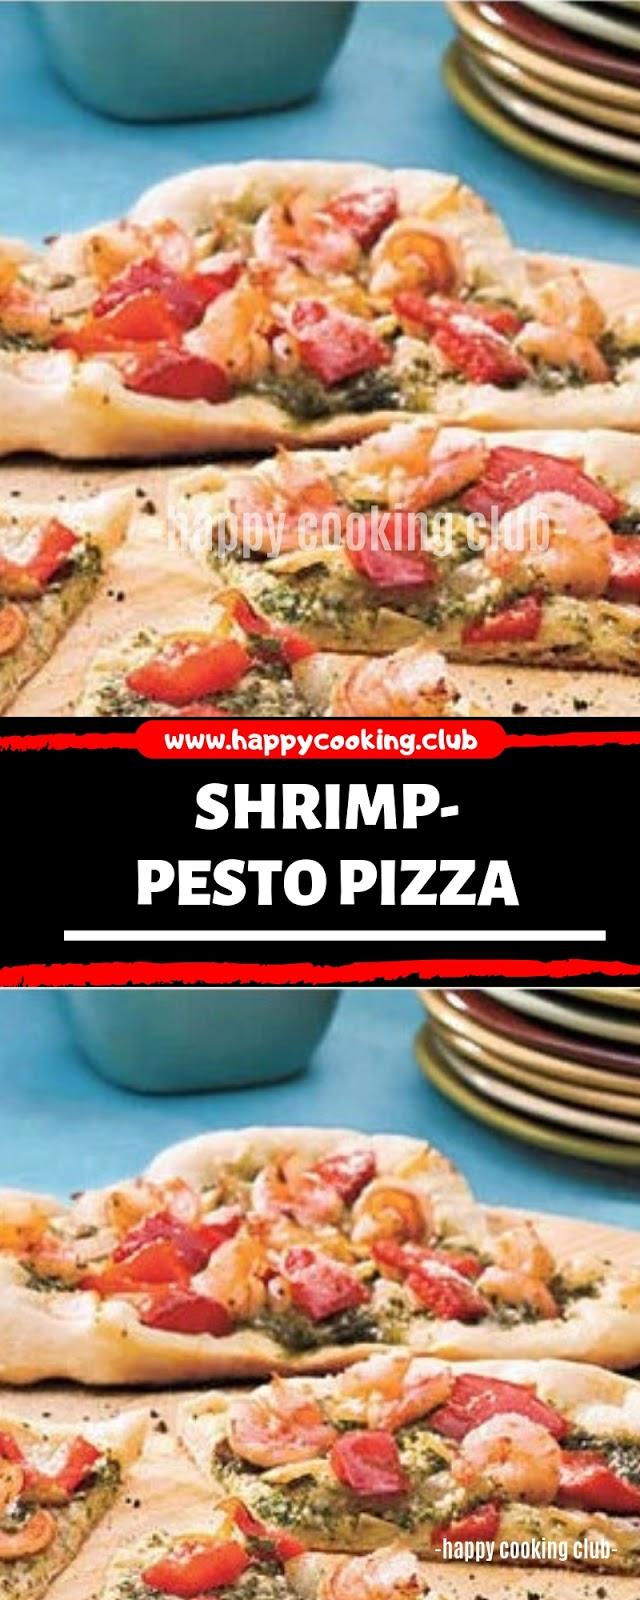 Shrimp-Pesto Pizza